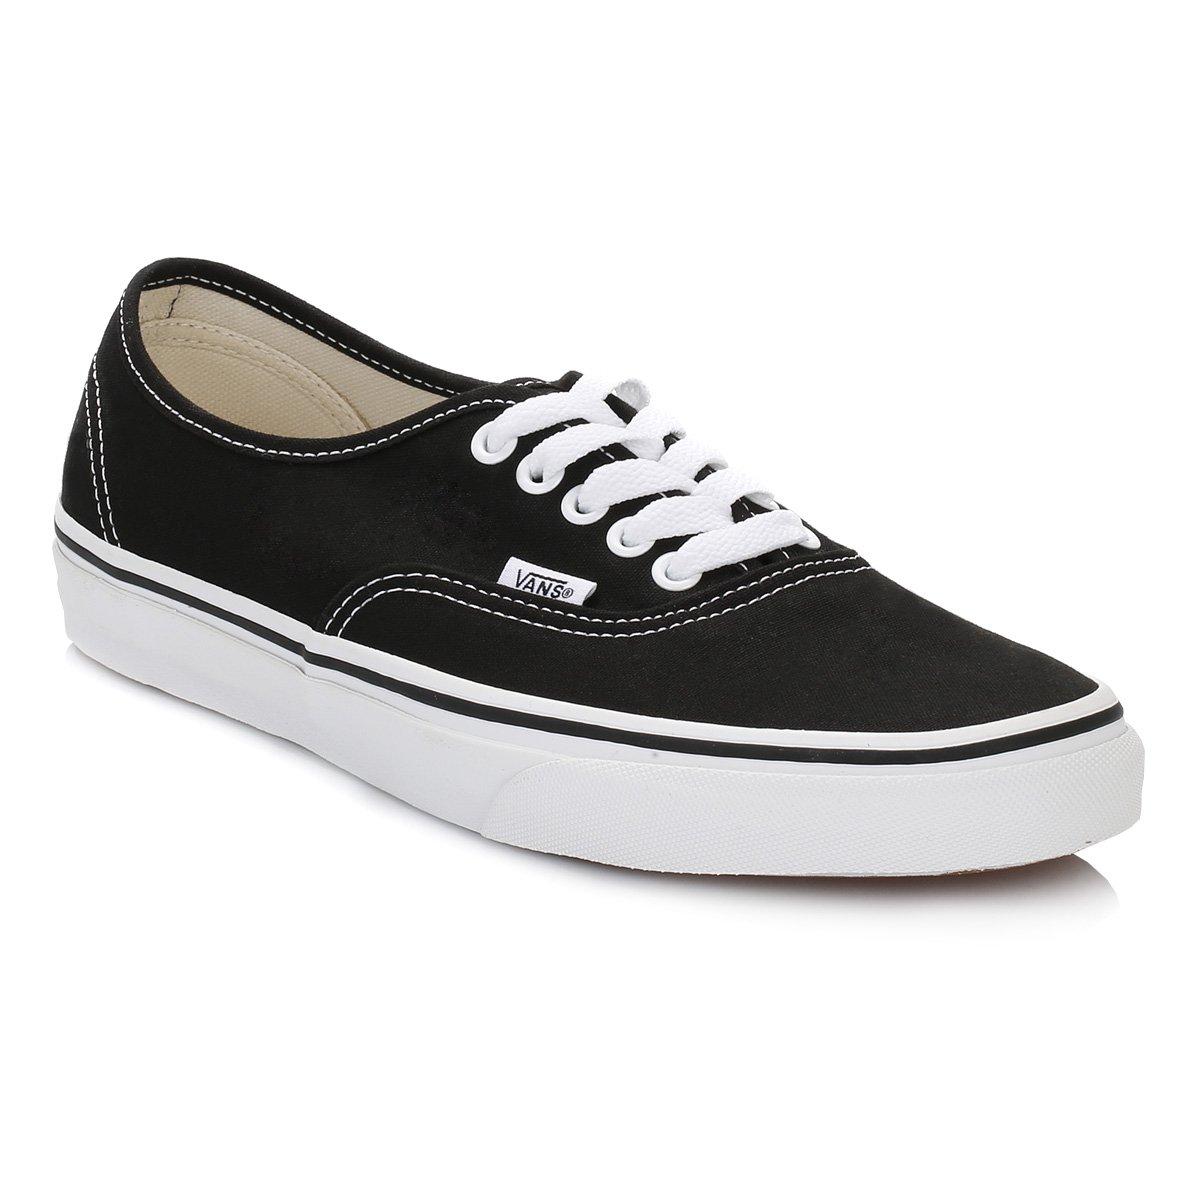 SV – Vans Authentic Plimsolls – Zapatillas deportivas LOW TOP – Zapatillas deportivas, color blanco y negro 36 EU|negro y blanco